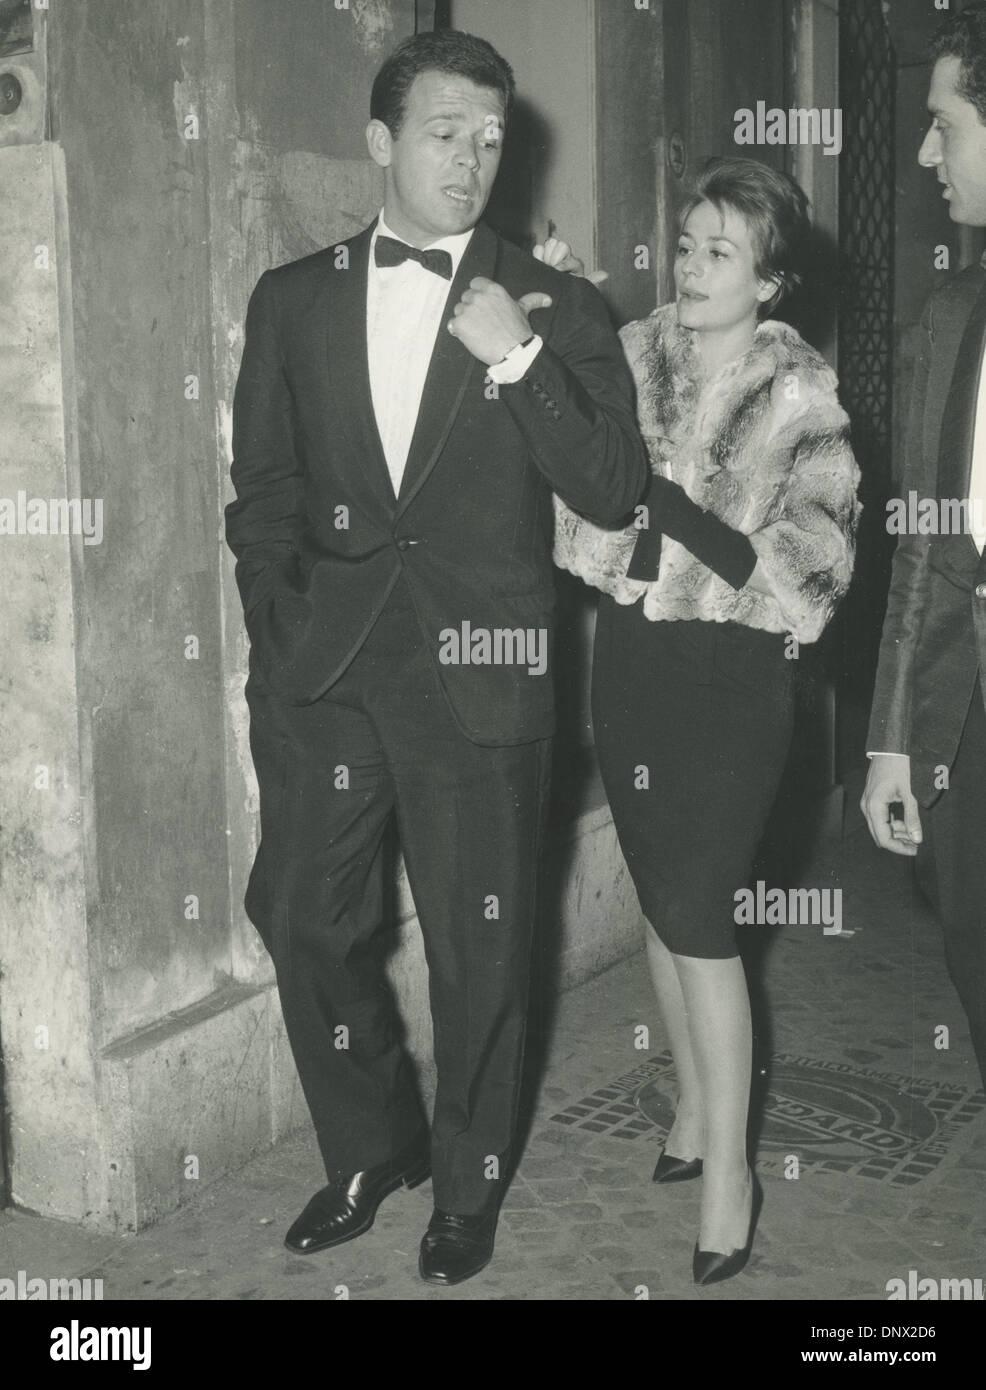 """6. Oktober 1962 - Rom, Italien - RENATO SALVATORI und seine Frau ANNIE GIRARDOT besuchen die Premiere des Films """"Sodoma und Gomorra"""". (Kredit-Bild: © KEYSTONE Pictures/ZUMAPRESS.com) Stockfoto"""